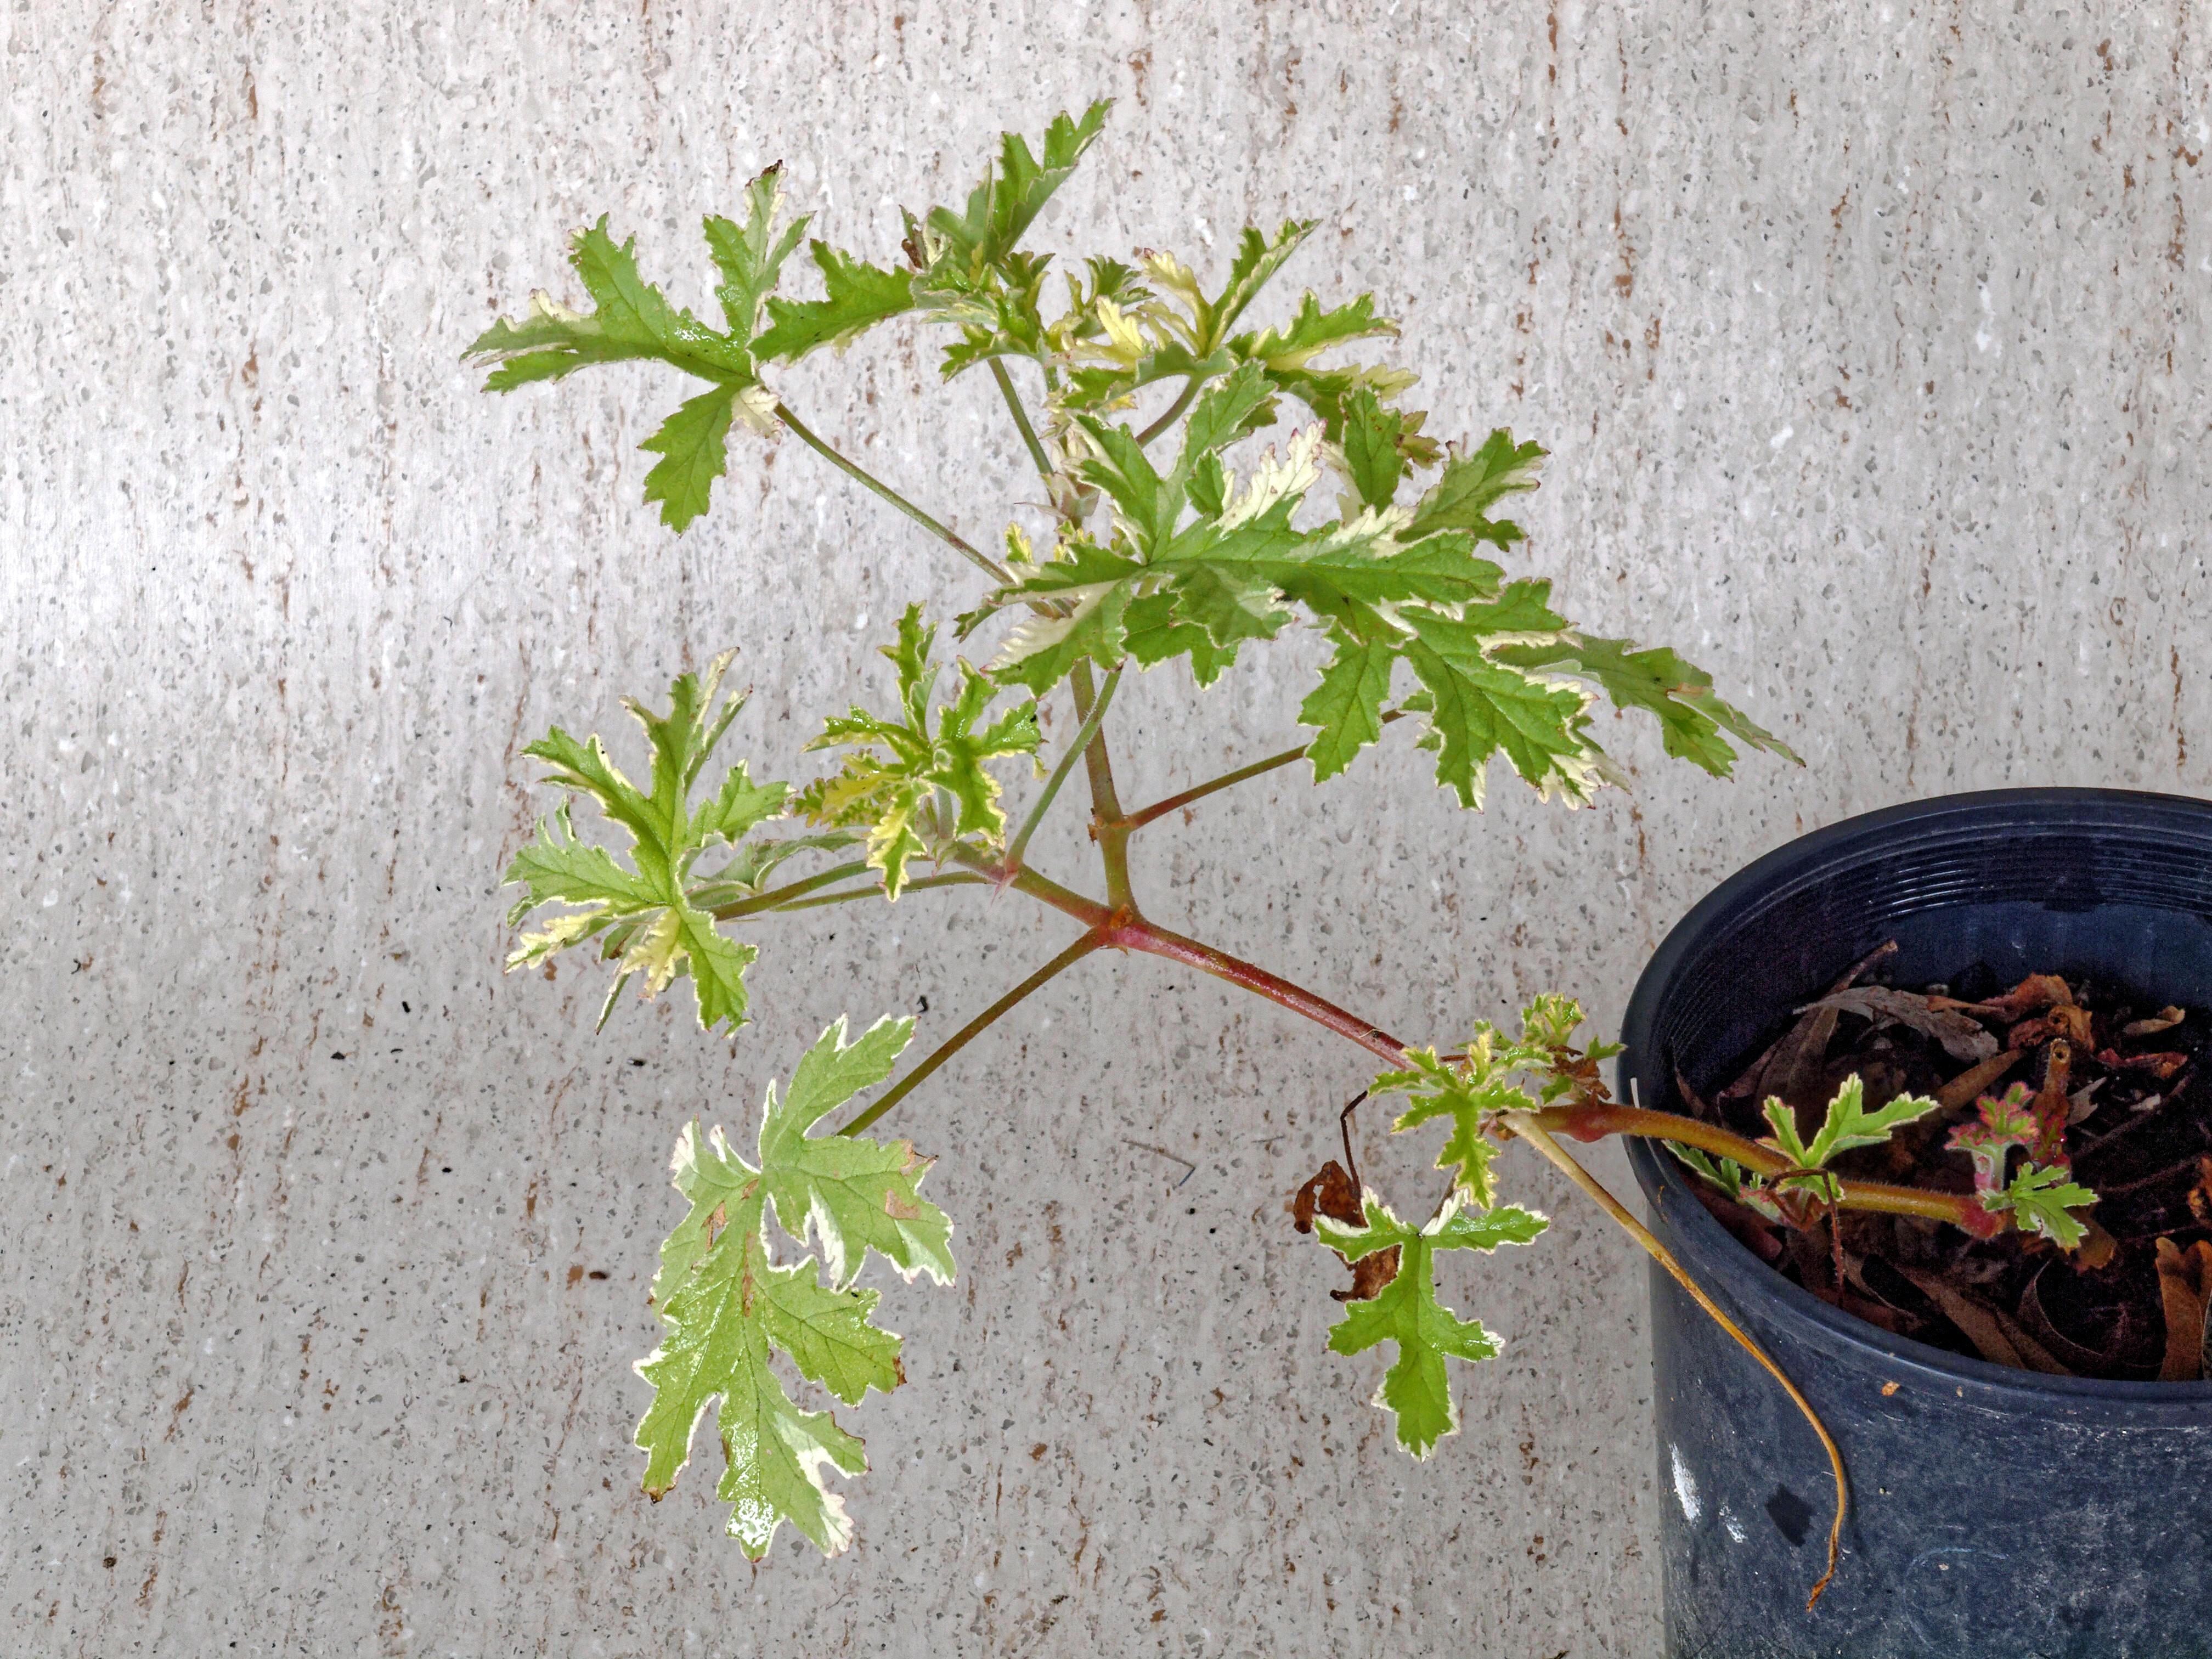 Pelargonium-2.jpeg